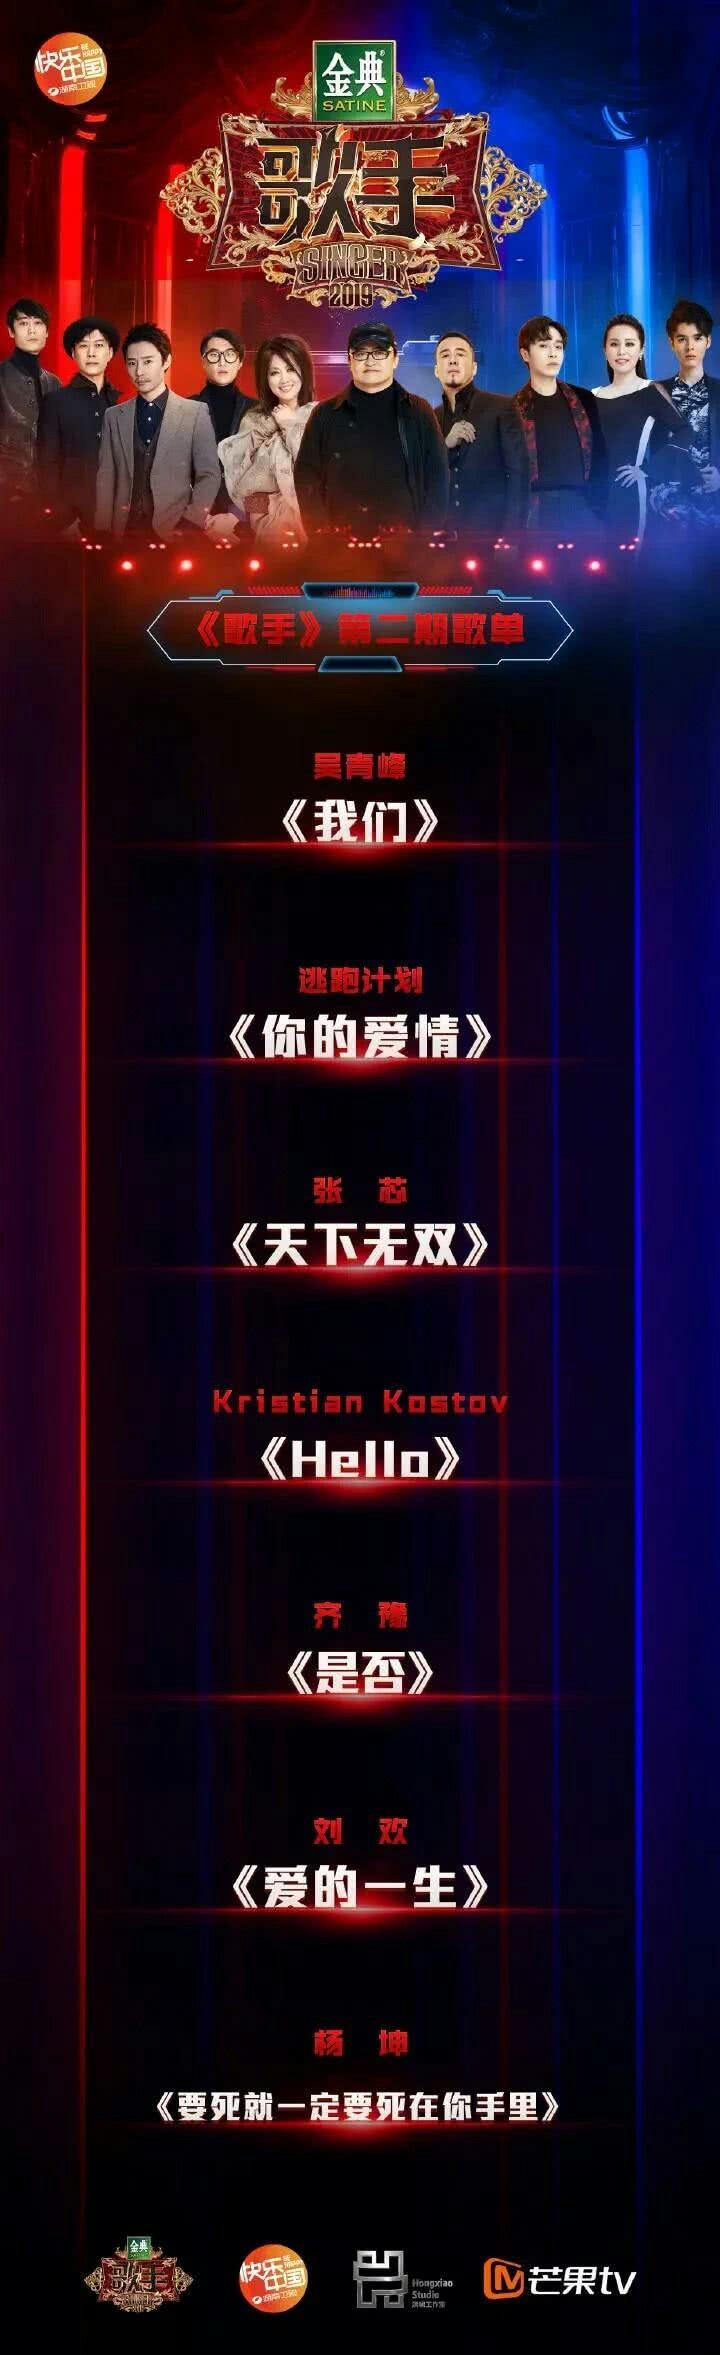 """歌手2019第二期排名:杨坤""""一雪前耻""""冲第一,齐豫第六让人意外"""